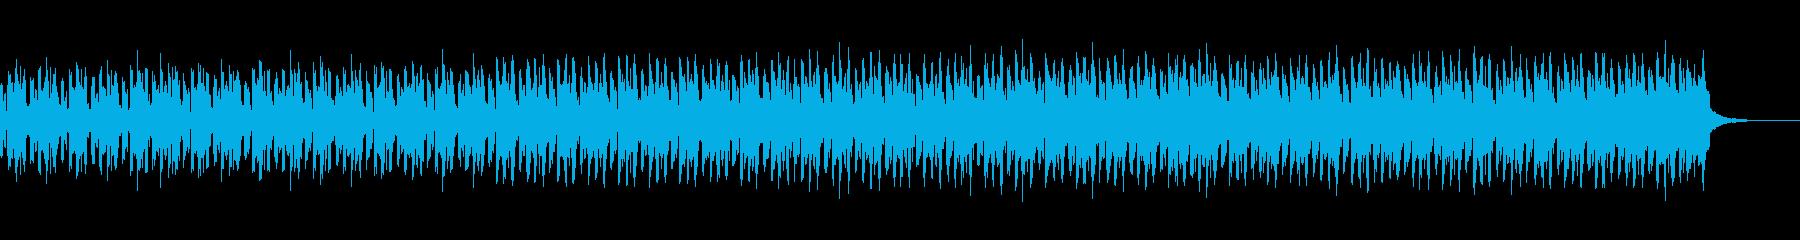 ゲーム:ミリタリー シリアス 進行 作戦の再生済みの波形